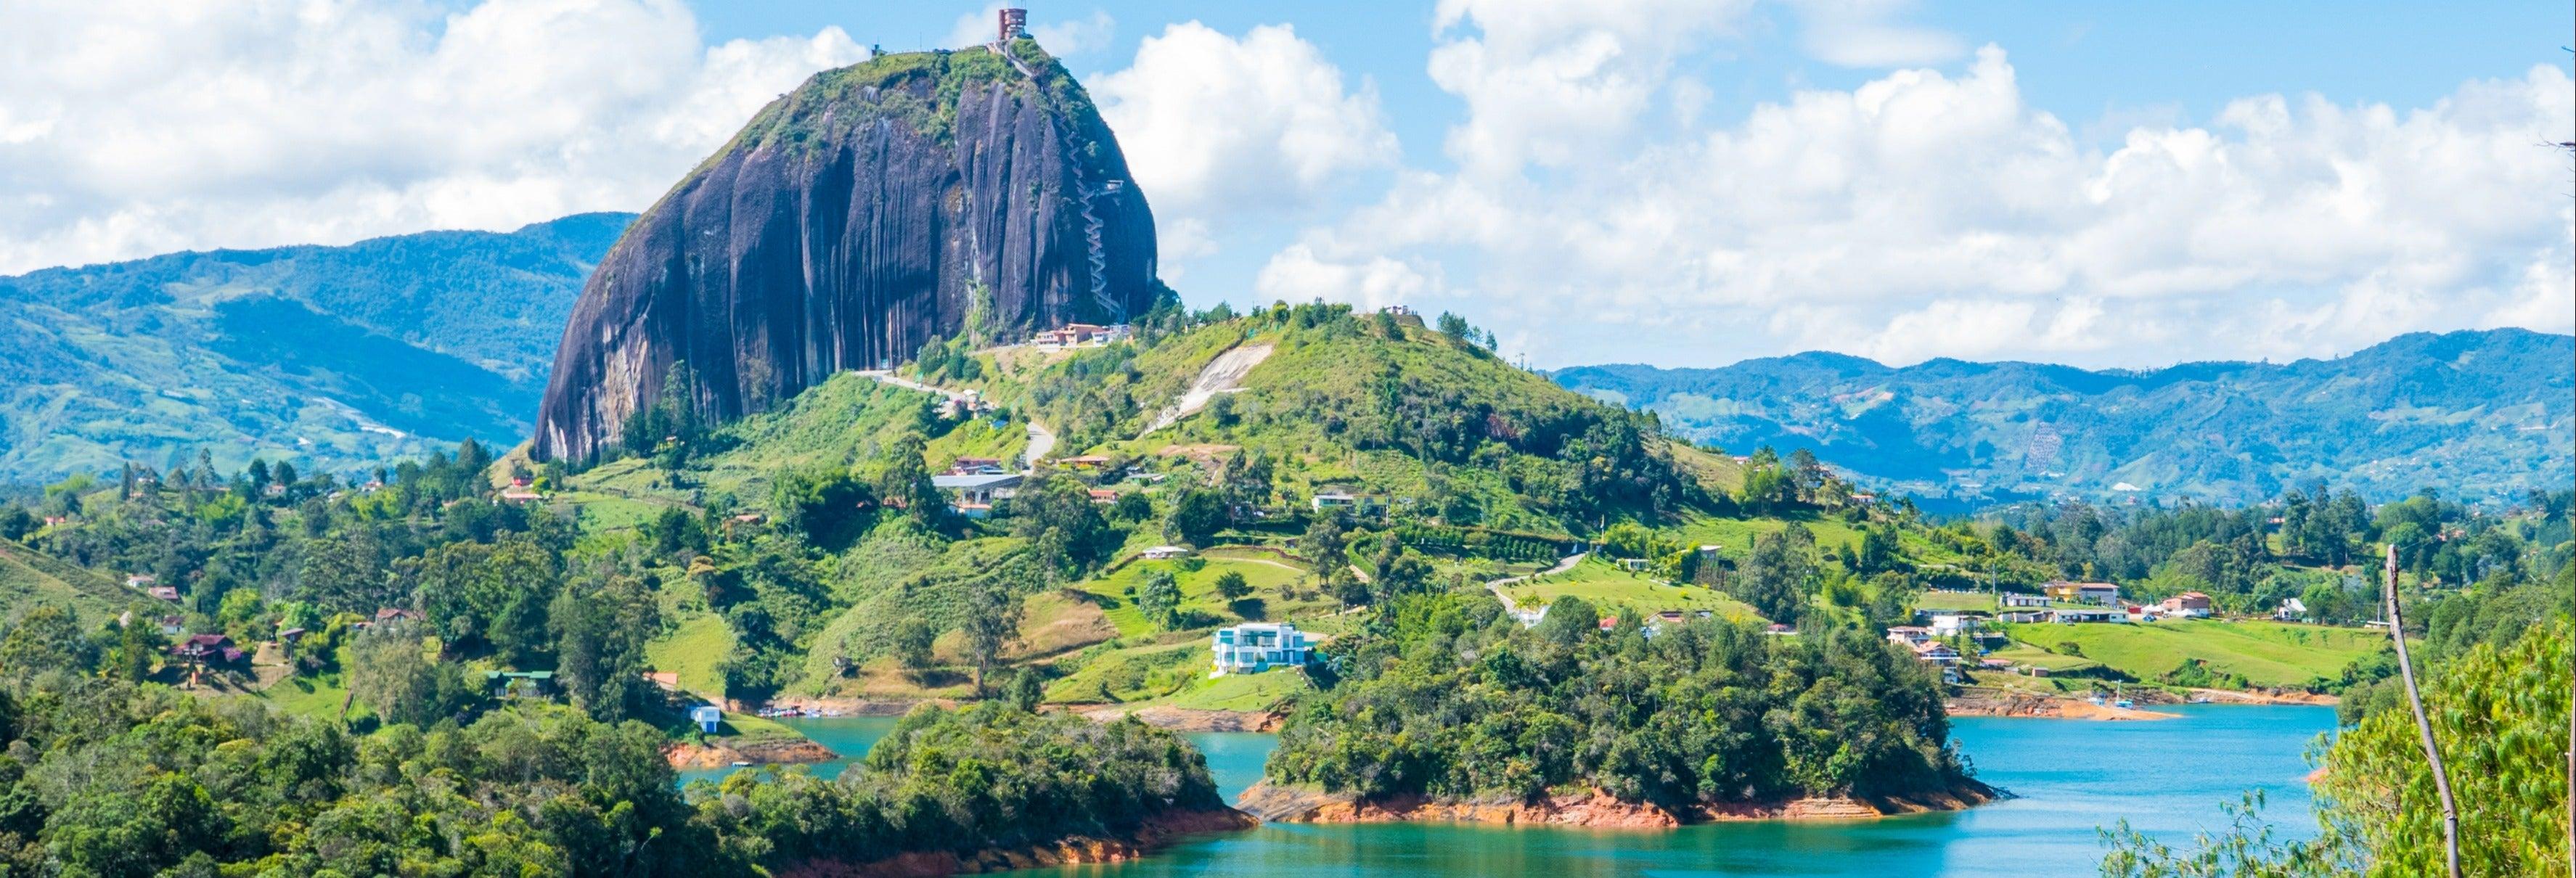 Excursión a Guatapé + Paseo en barco